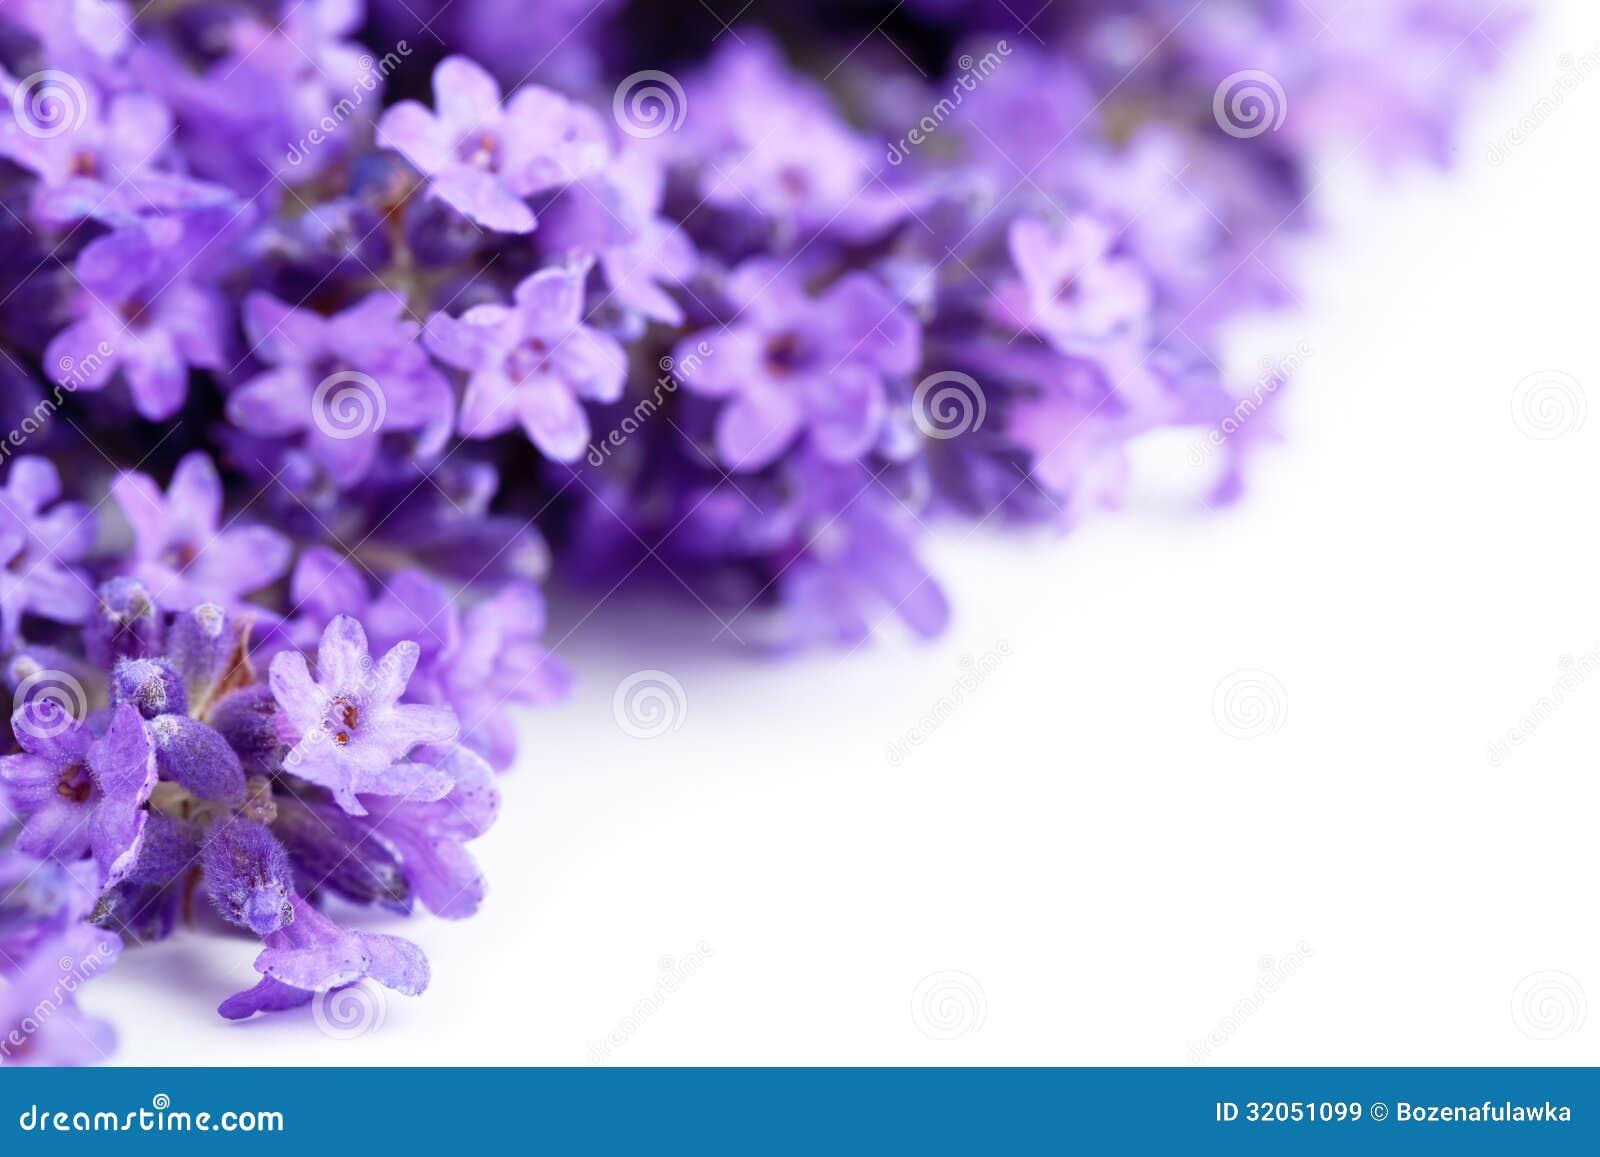 Lawenda kwiaty